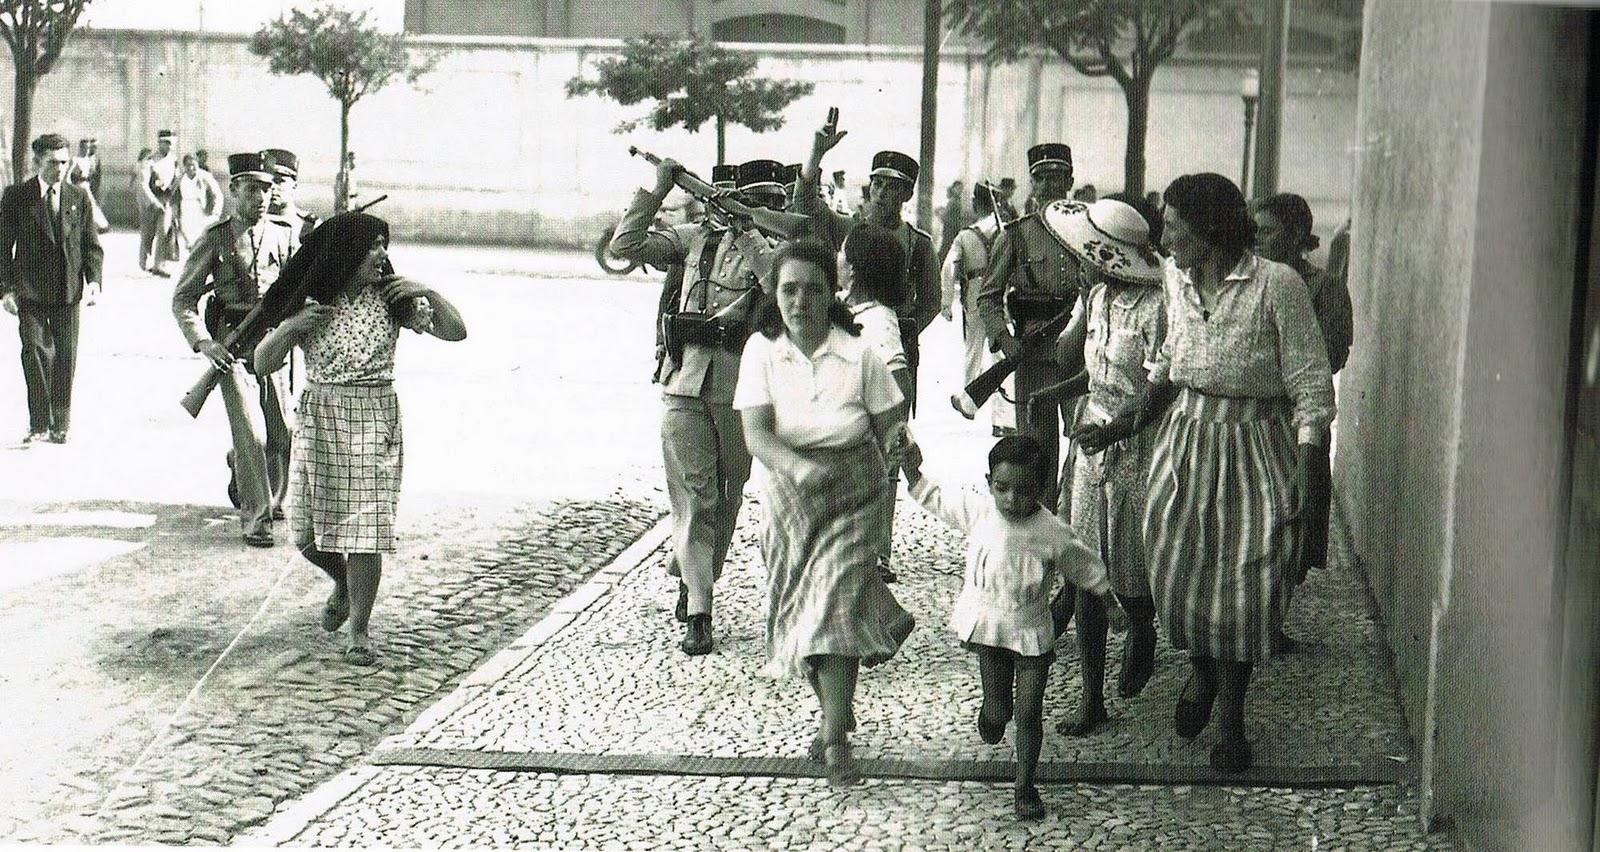 Mulheres Nas S Fotos Matosinhos-8816